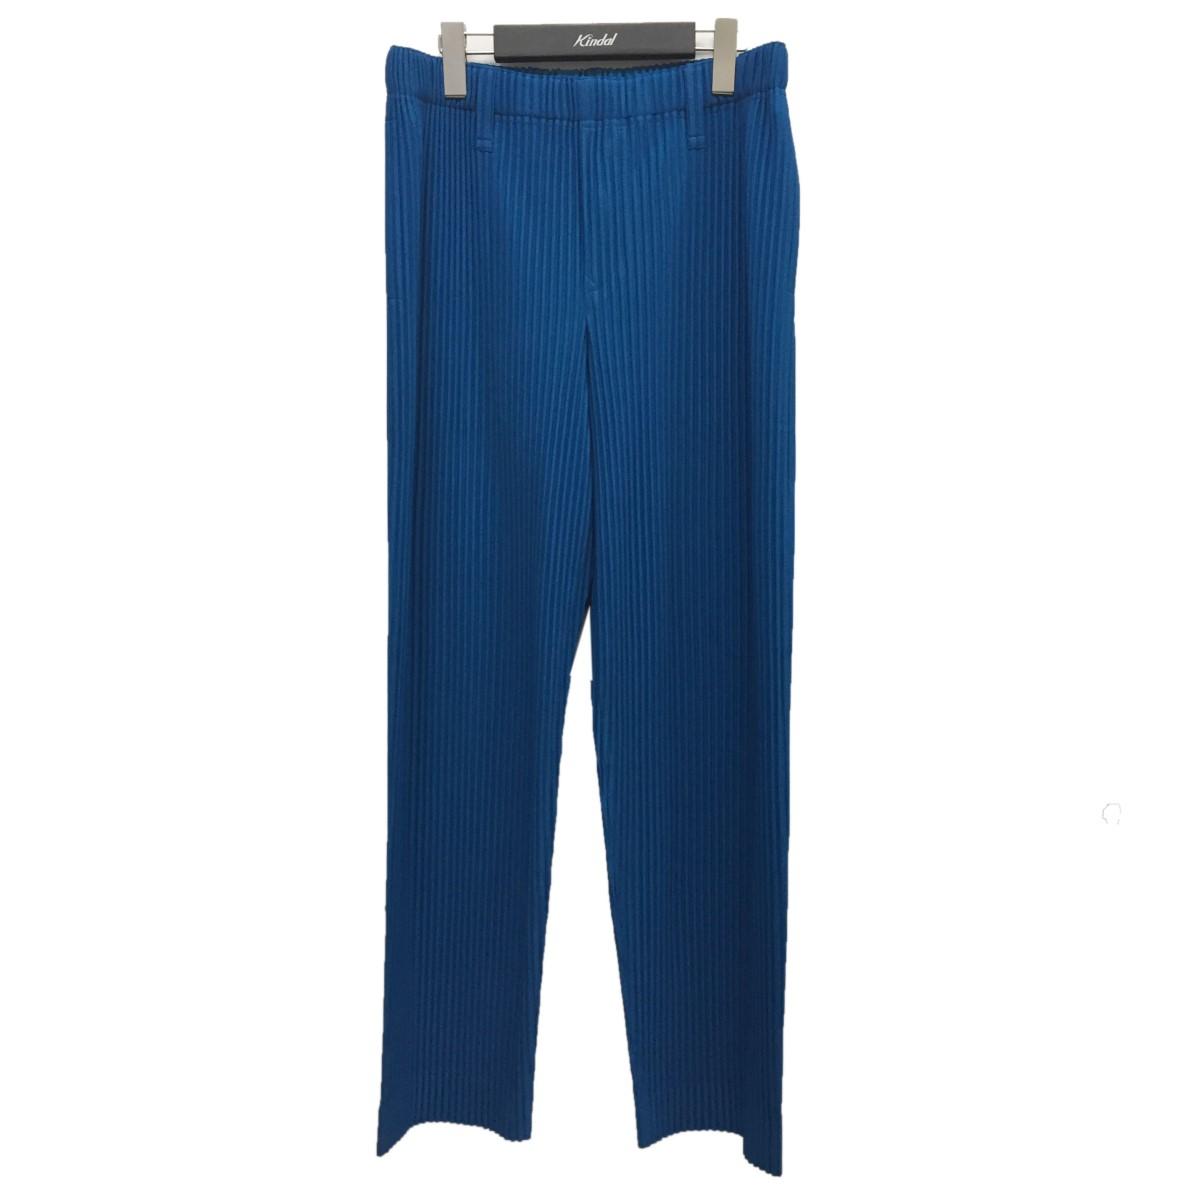 メンズファッション, ズボン・パンツ HOMME PLISSE ISSEY MIYAKE 2 120221